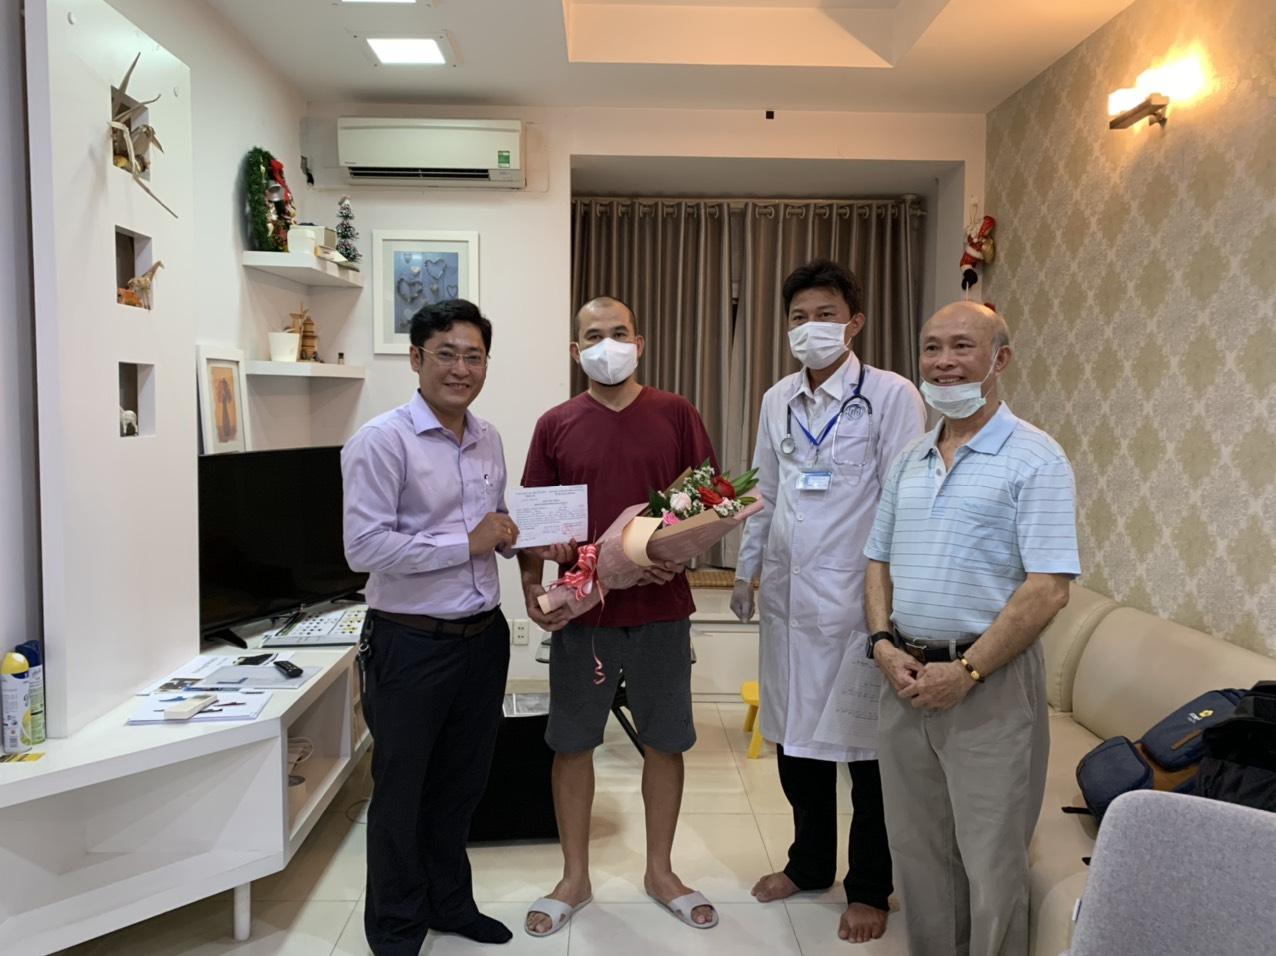 Ông Nguyễn Minh Trung trao chứng nhận đã hoàn tất thời gian cách ly cho một người dân